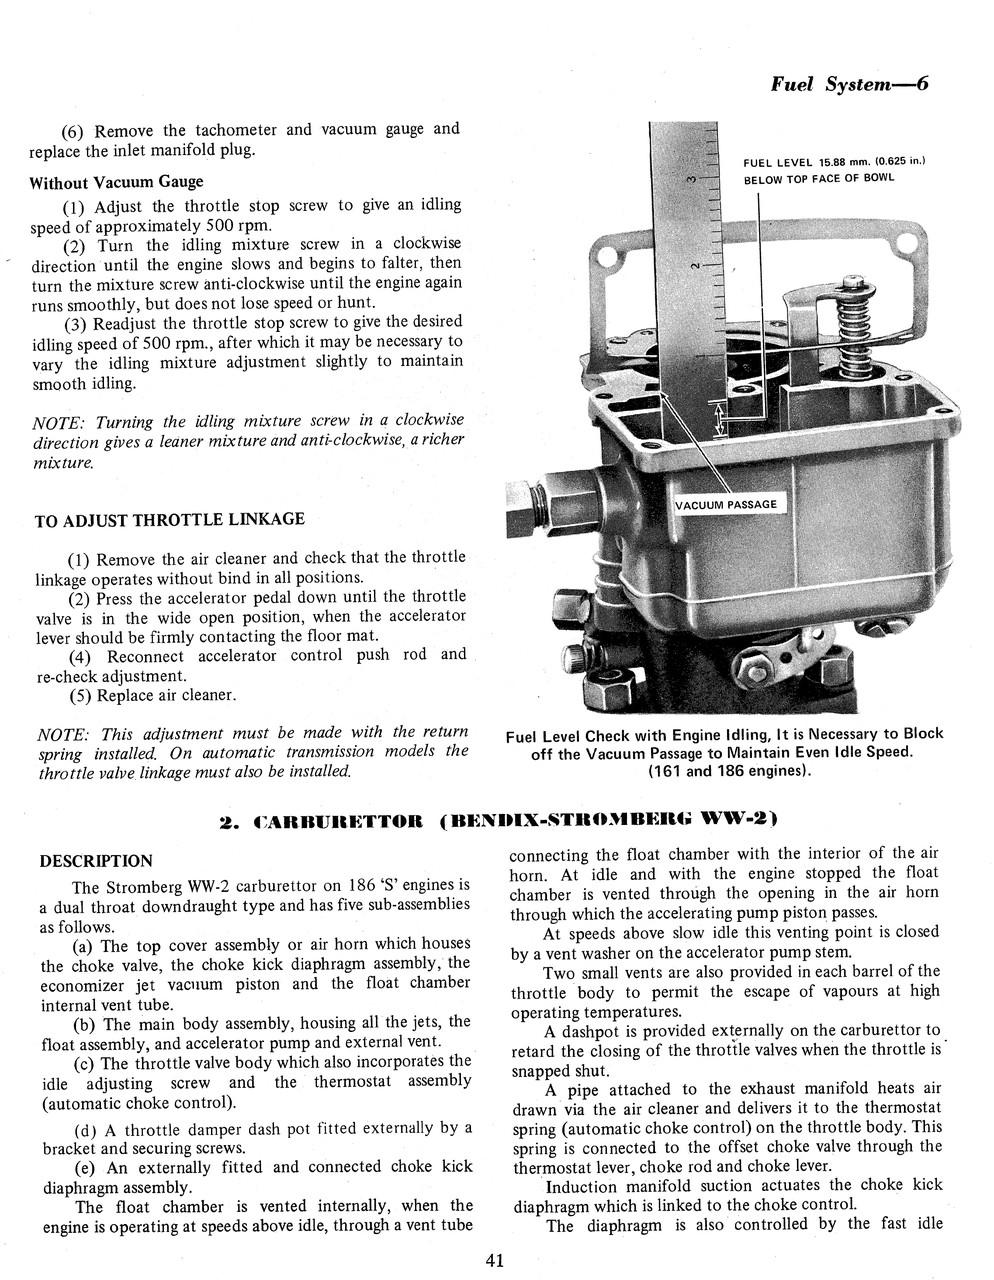 48-215 holden workshop manual